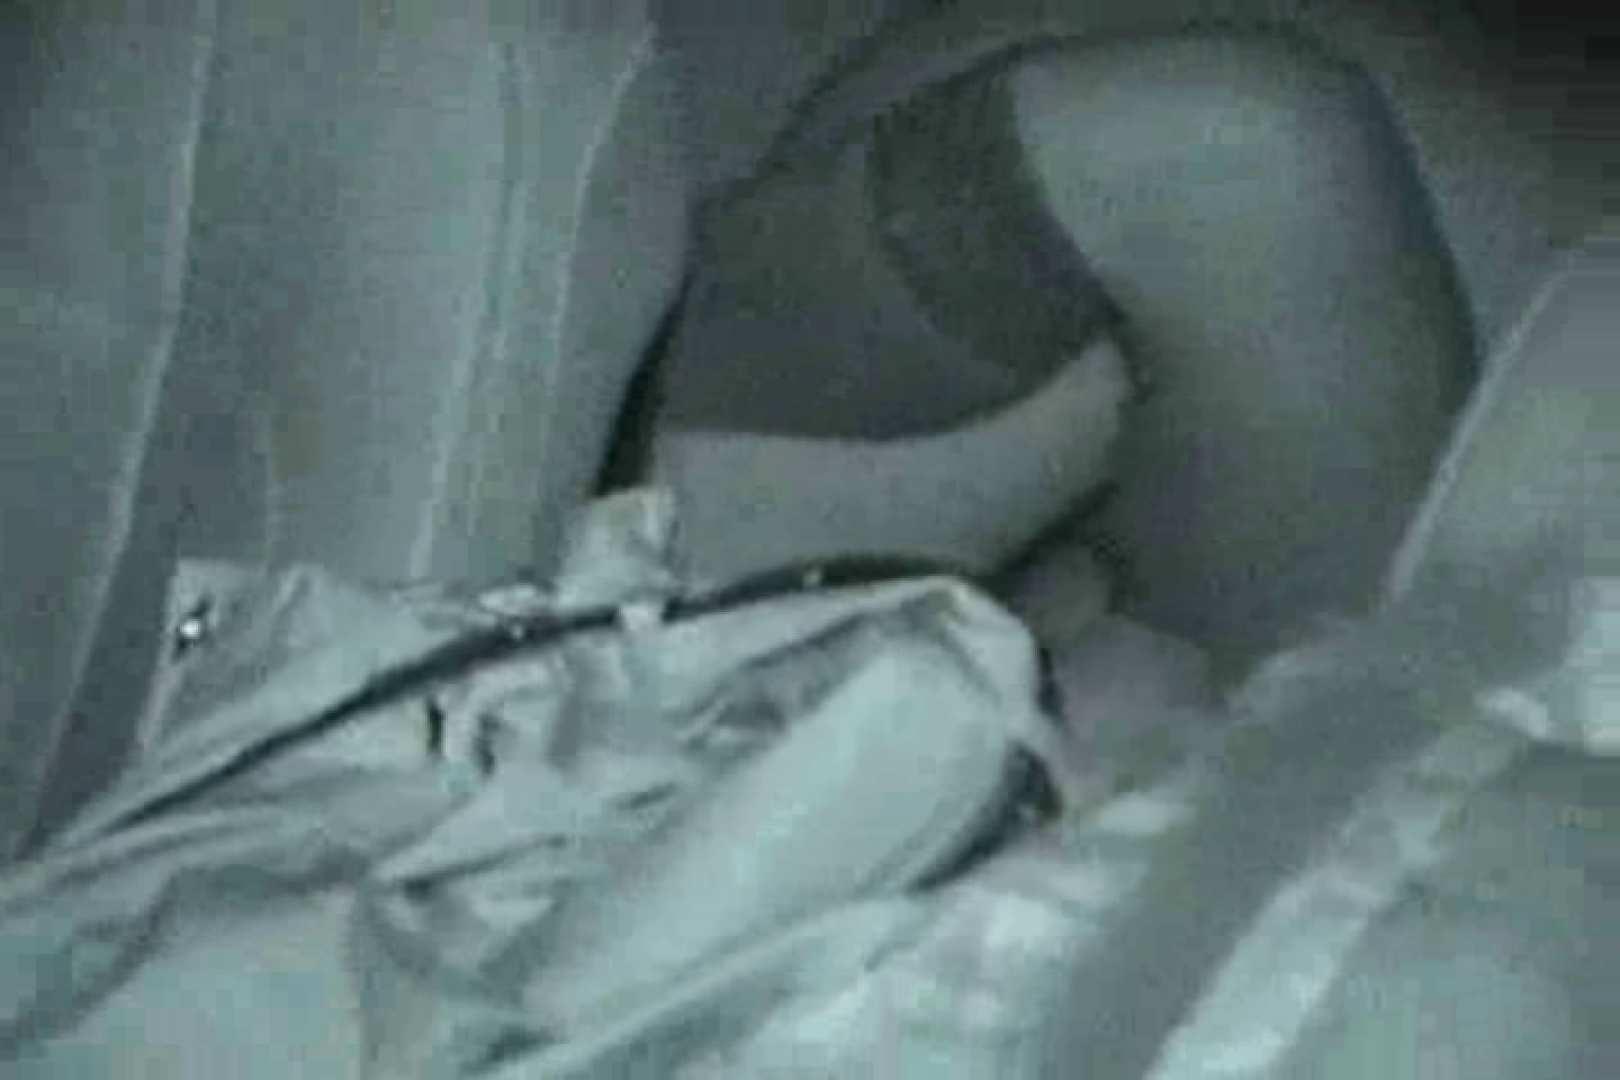 充血監督の深夜の運動会Vol.12 裸体 盗撮セックス無修正動画無料 65画像 63